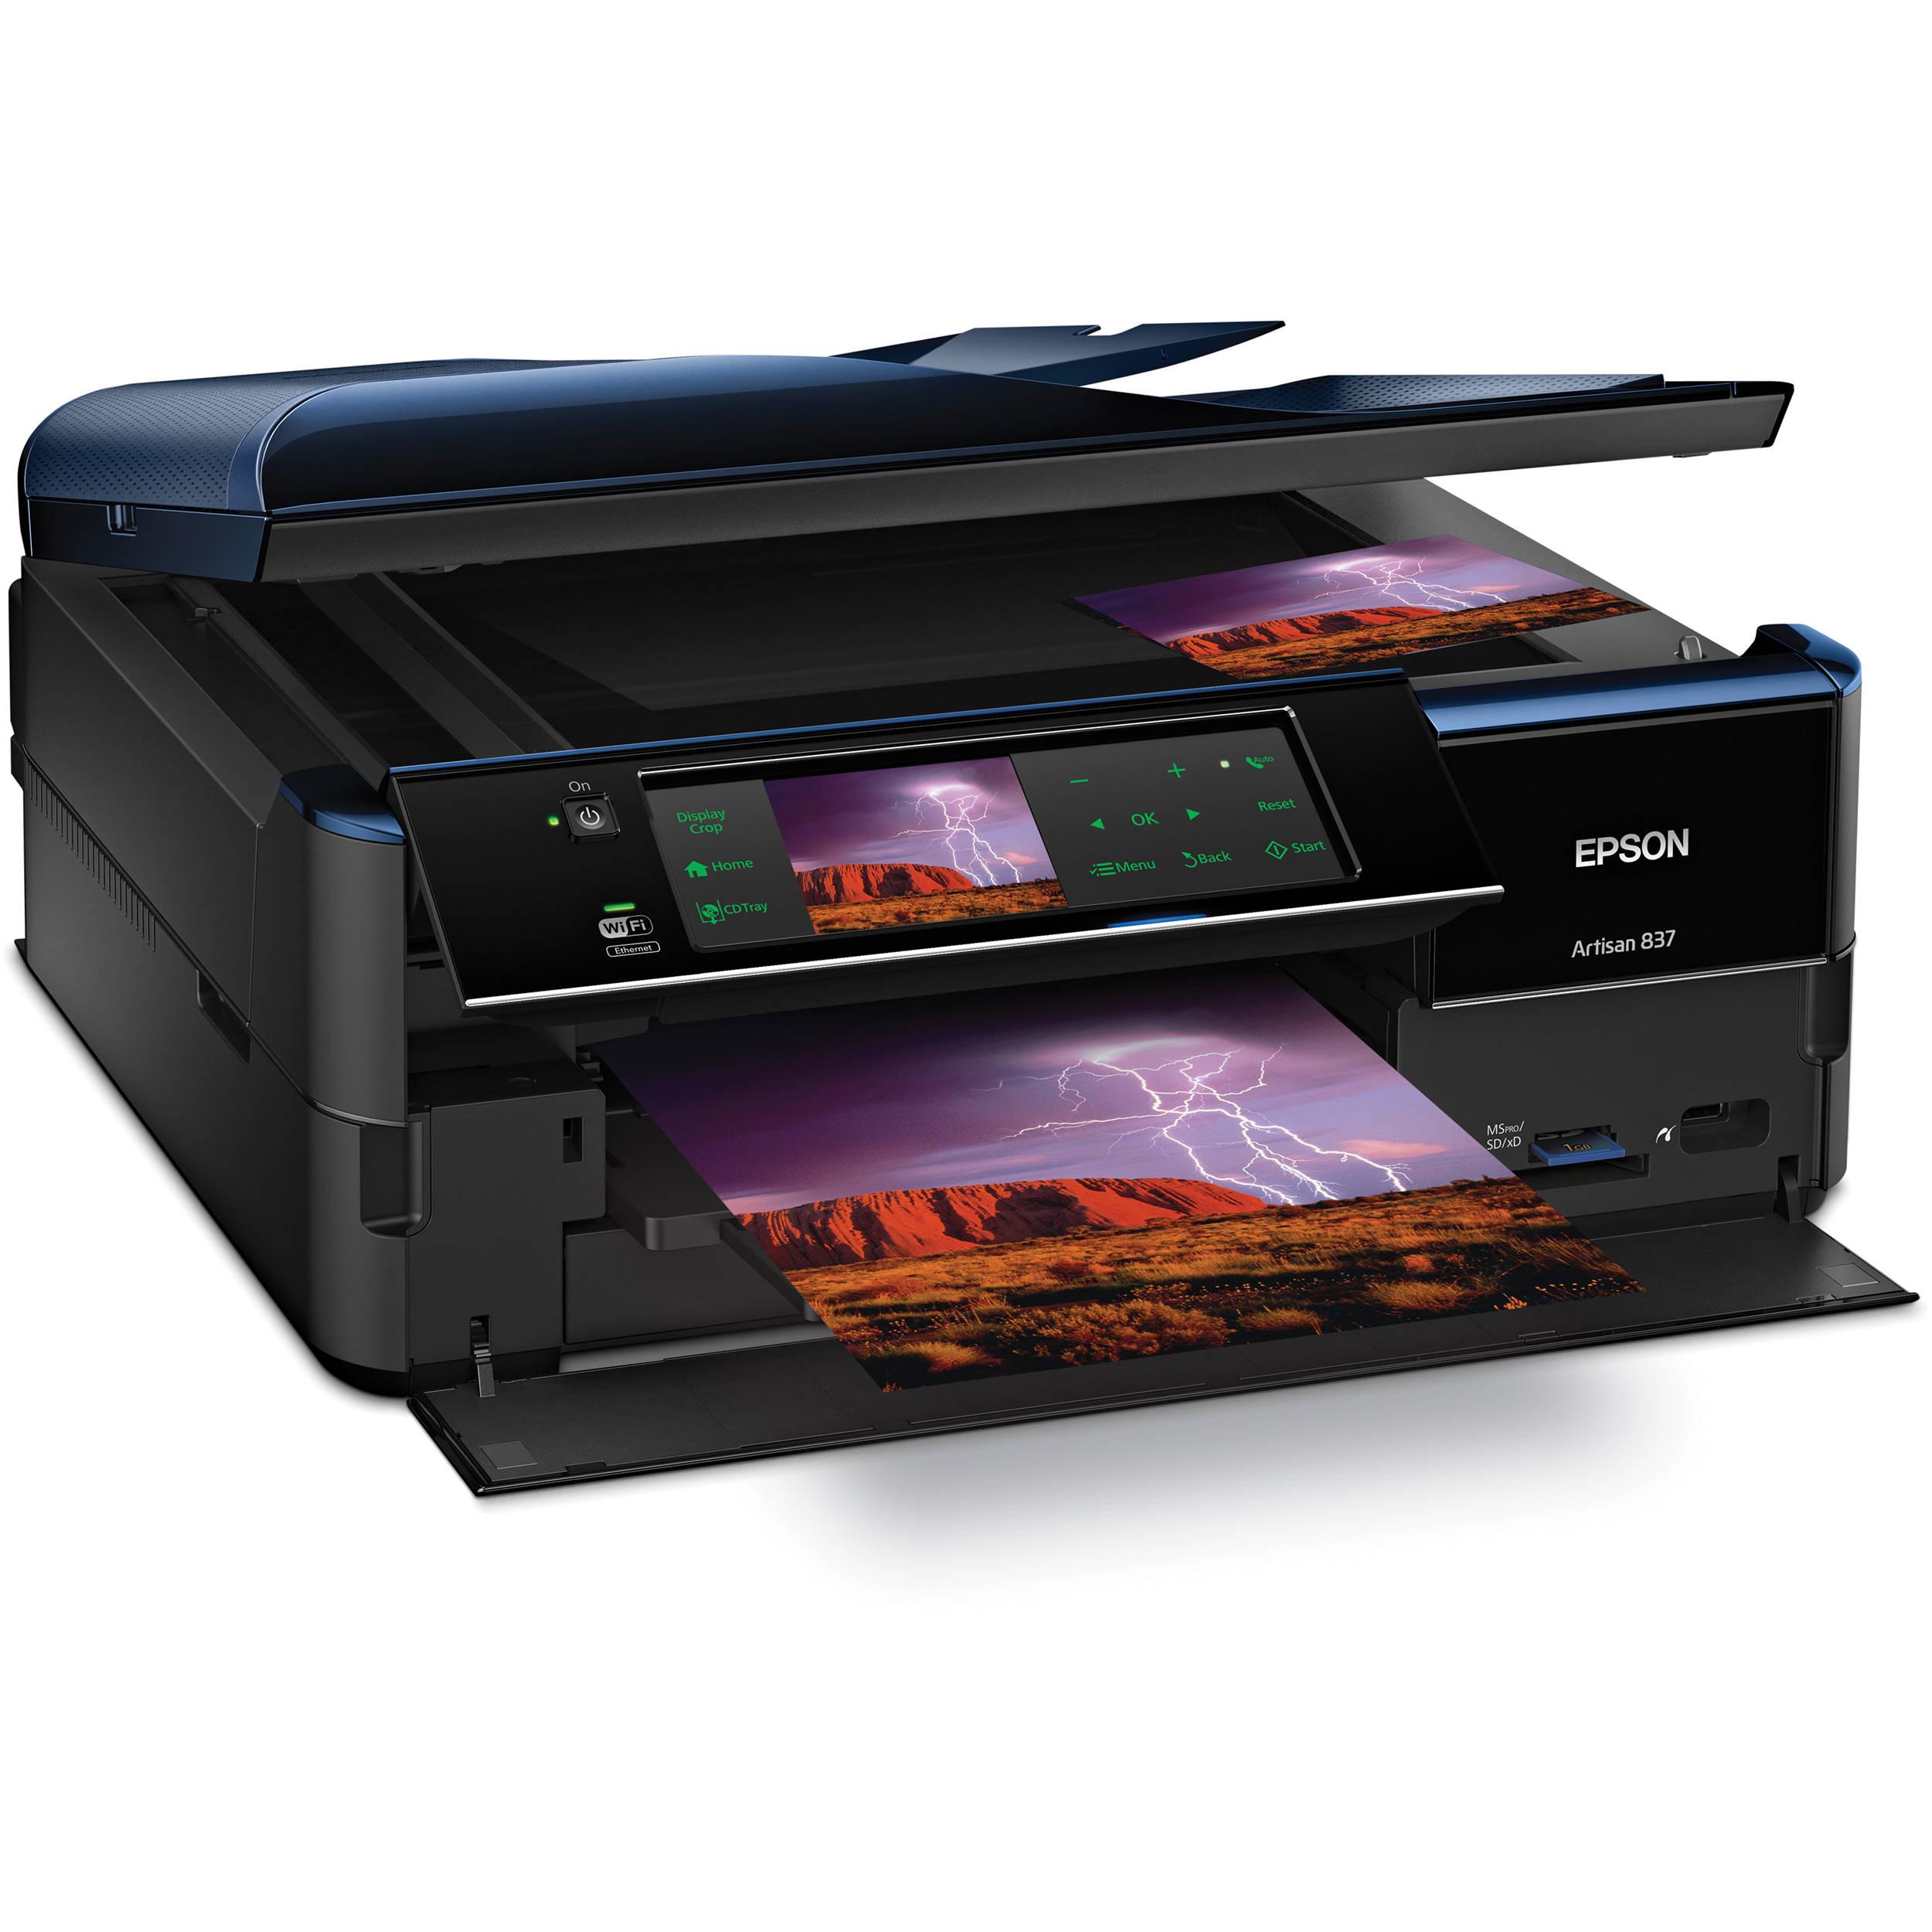 Epson Artisan 837 All In One Color Inkjet Printer